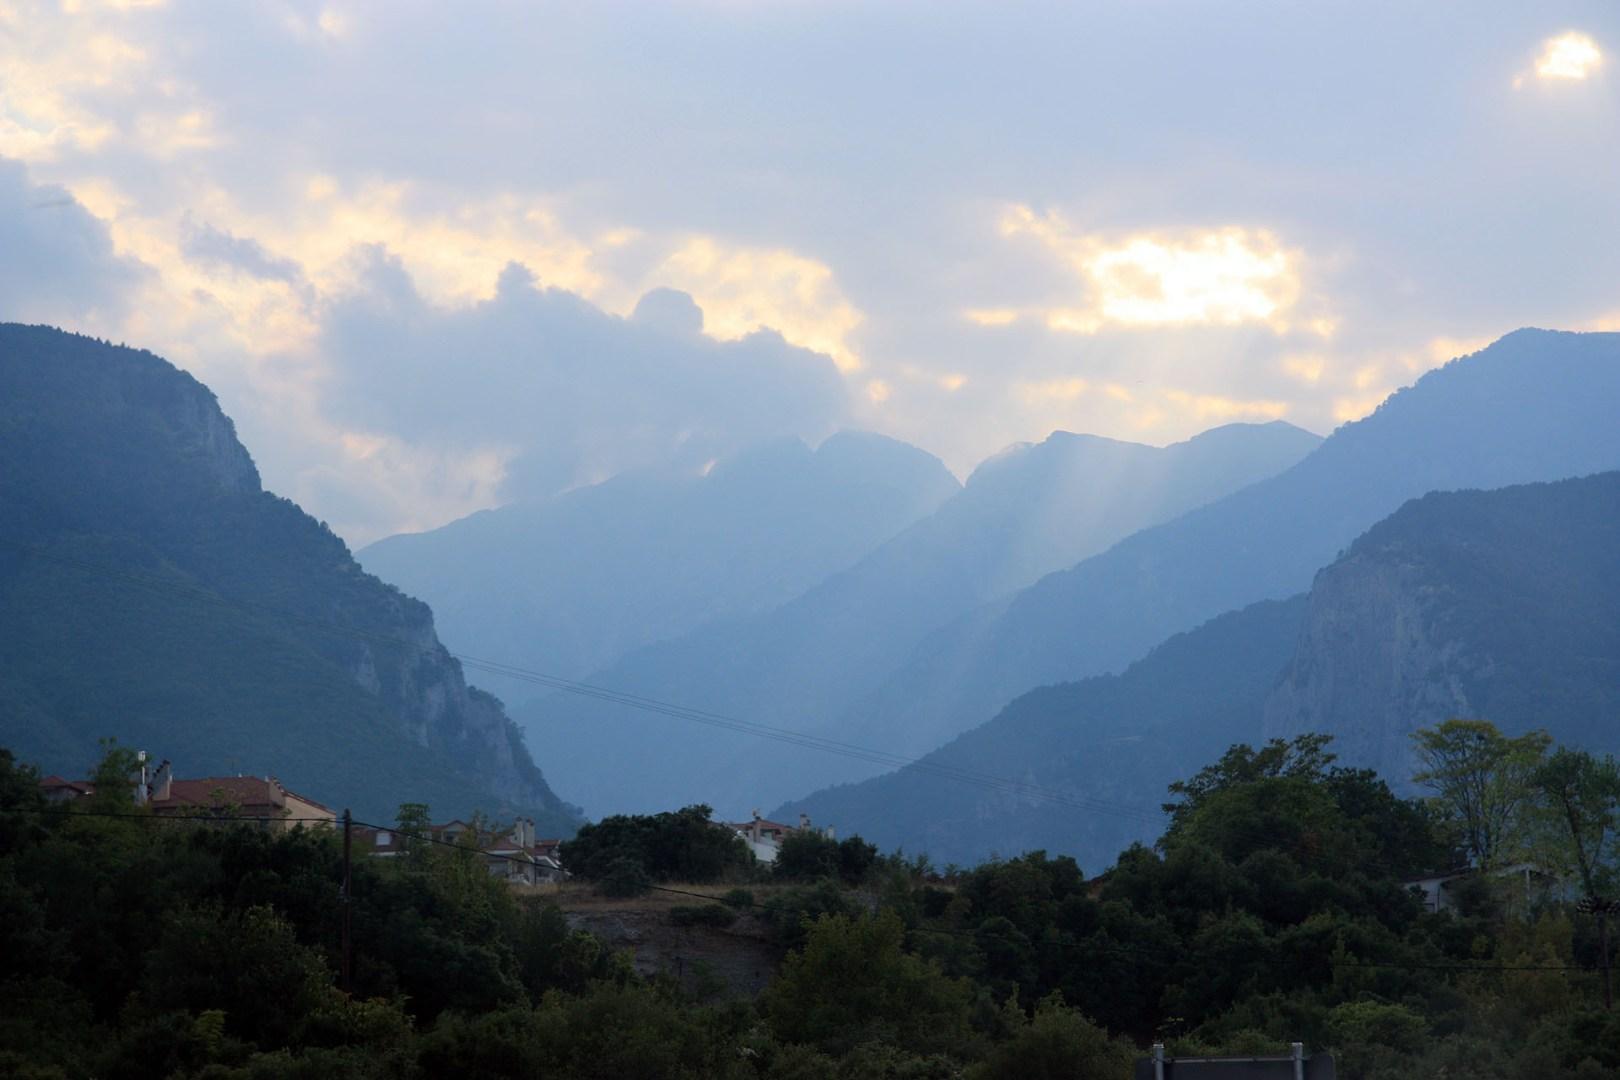 Peaks of Mount Olympus